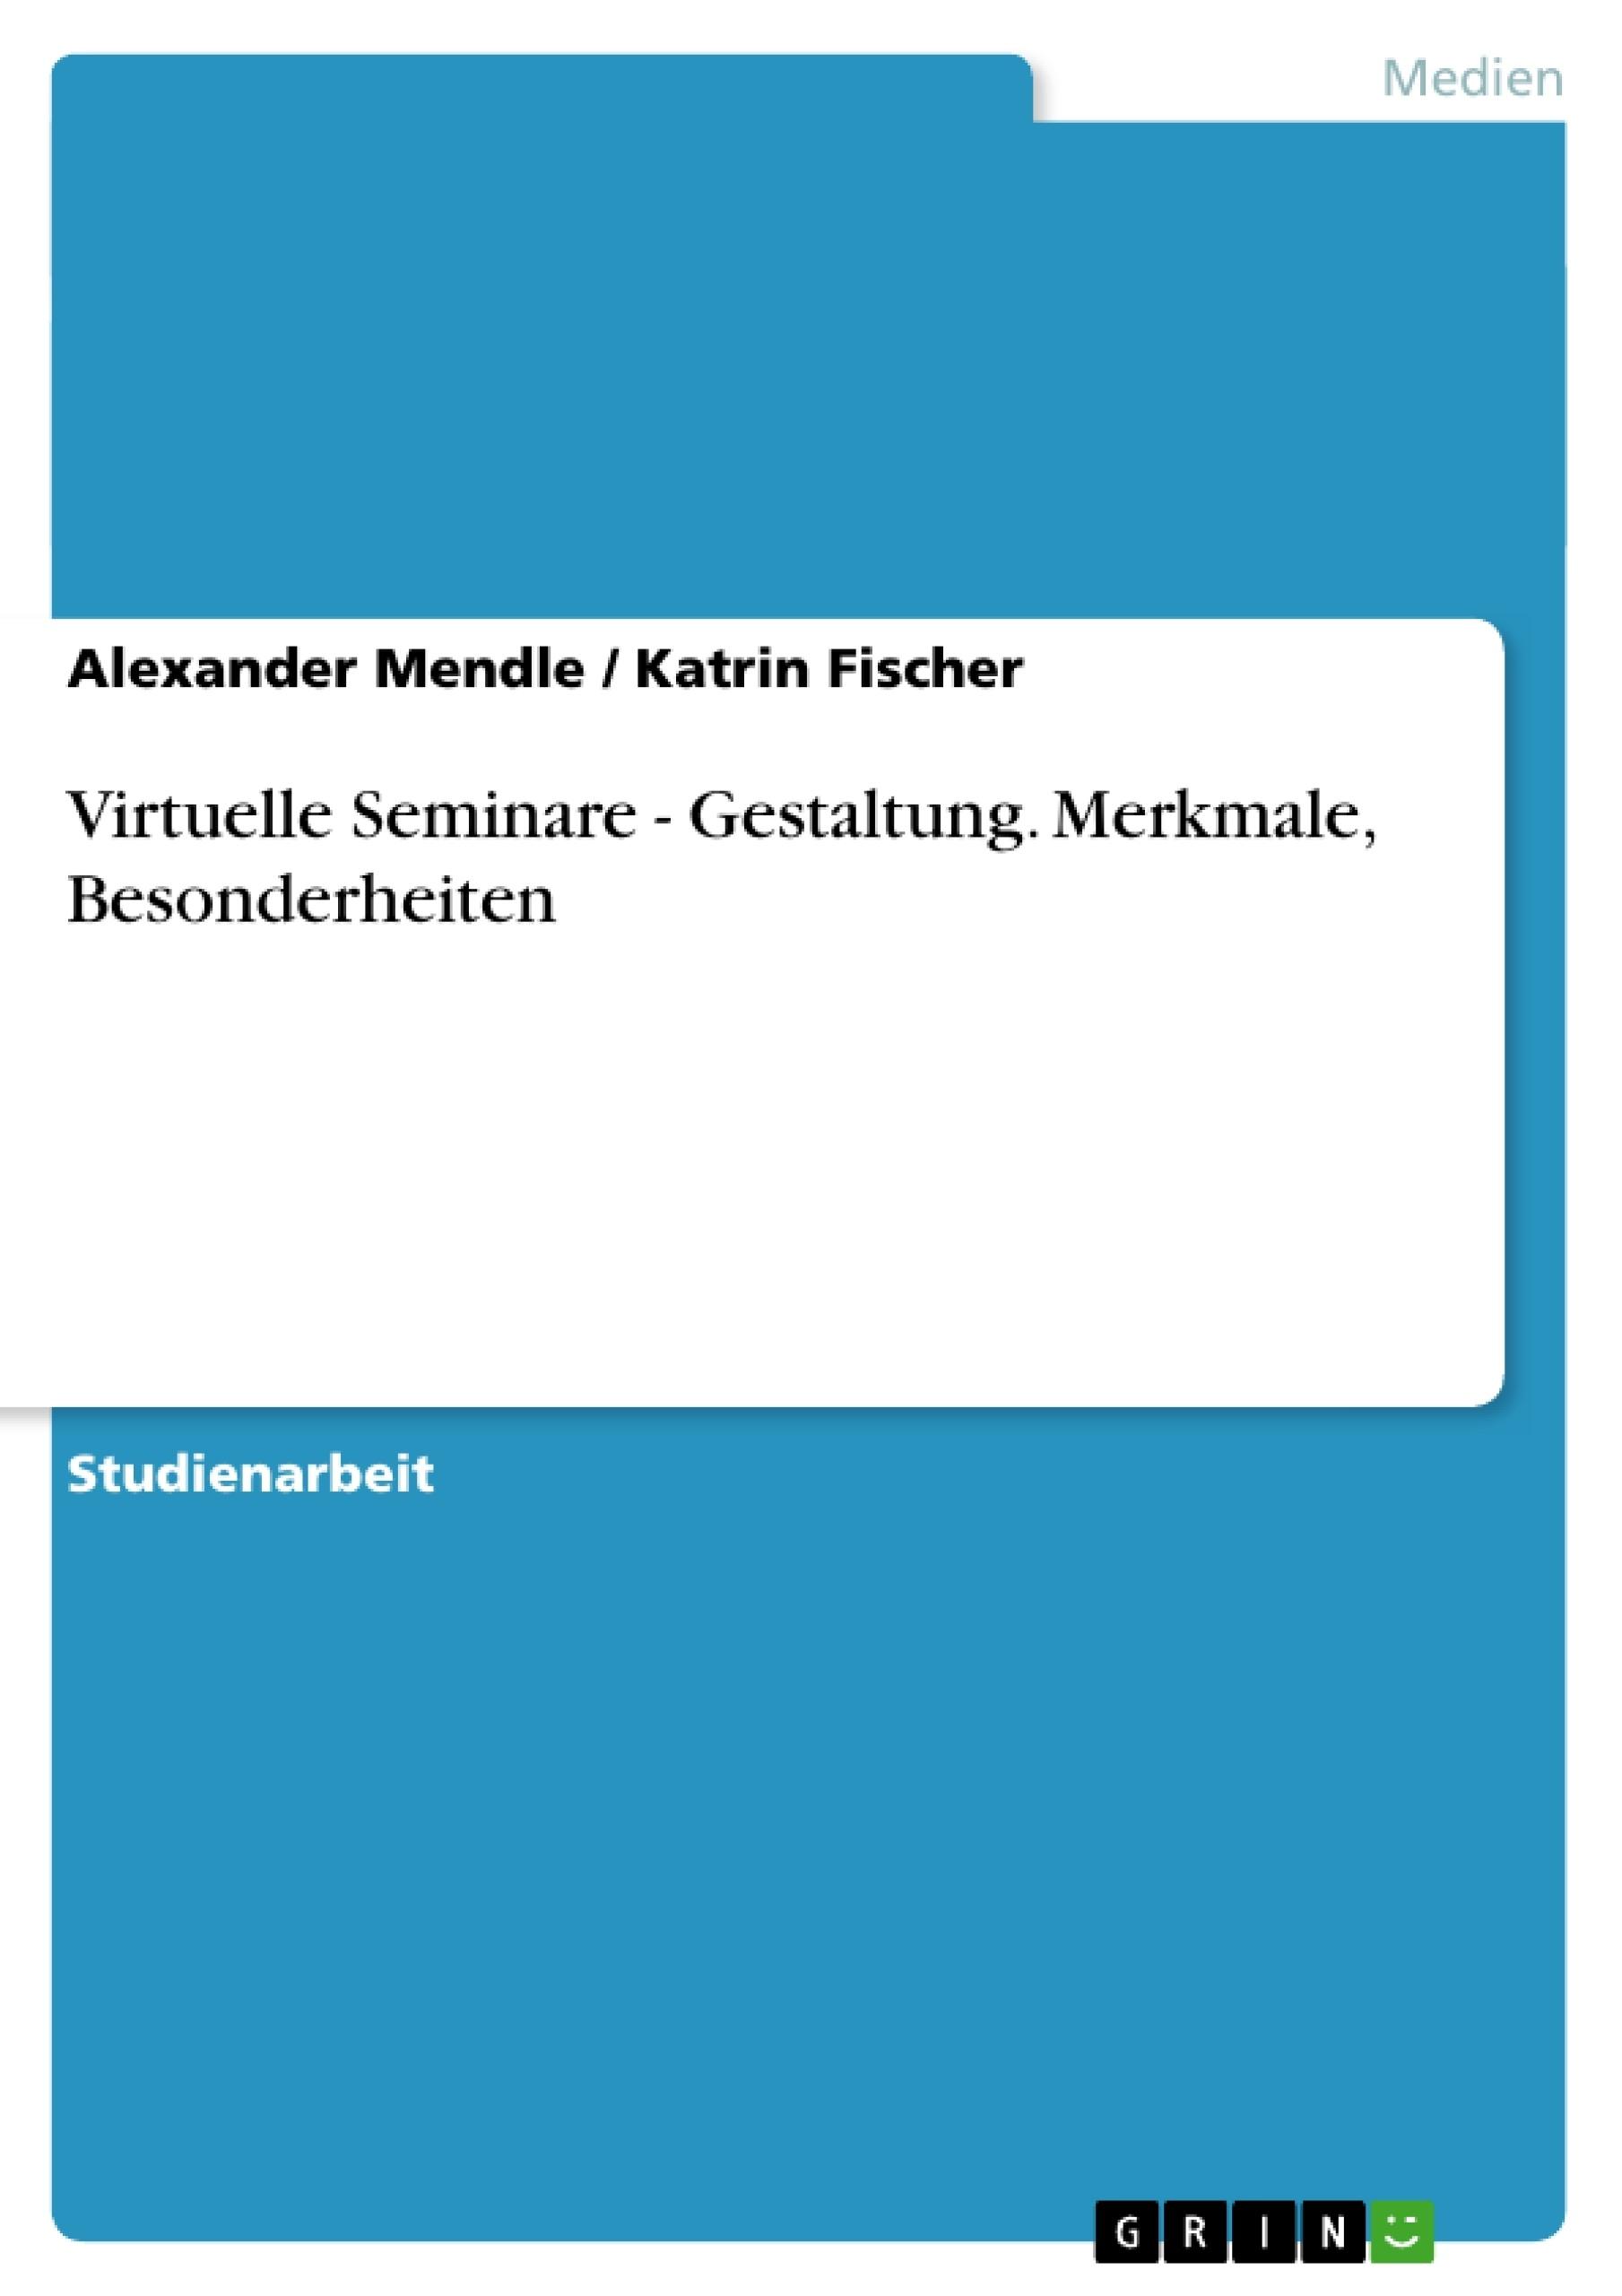 Titel: Virtuelle Seminare - Gestaltung. Merkmale, Besonderheiten